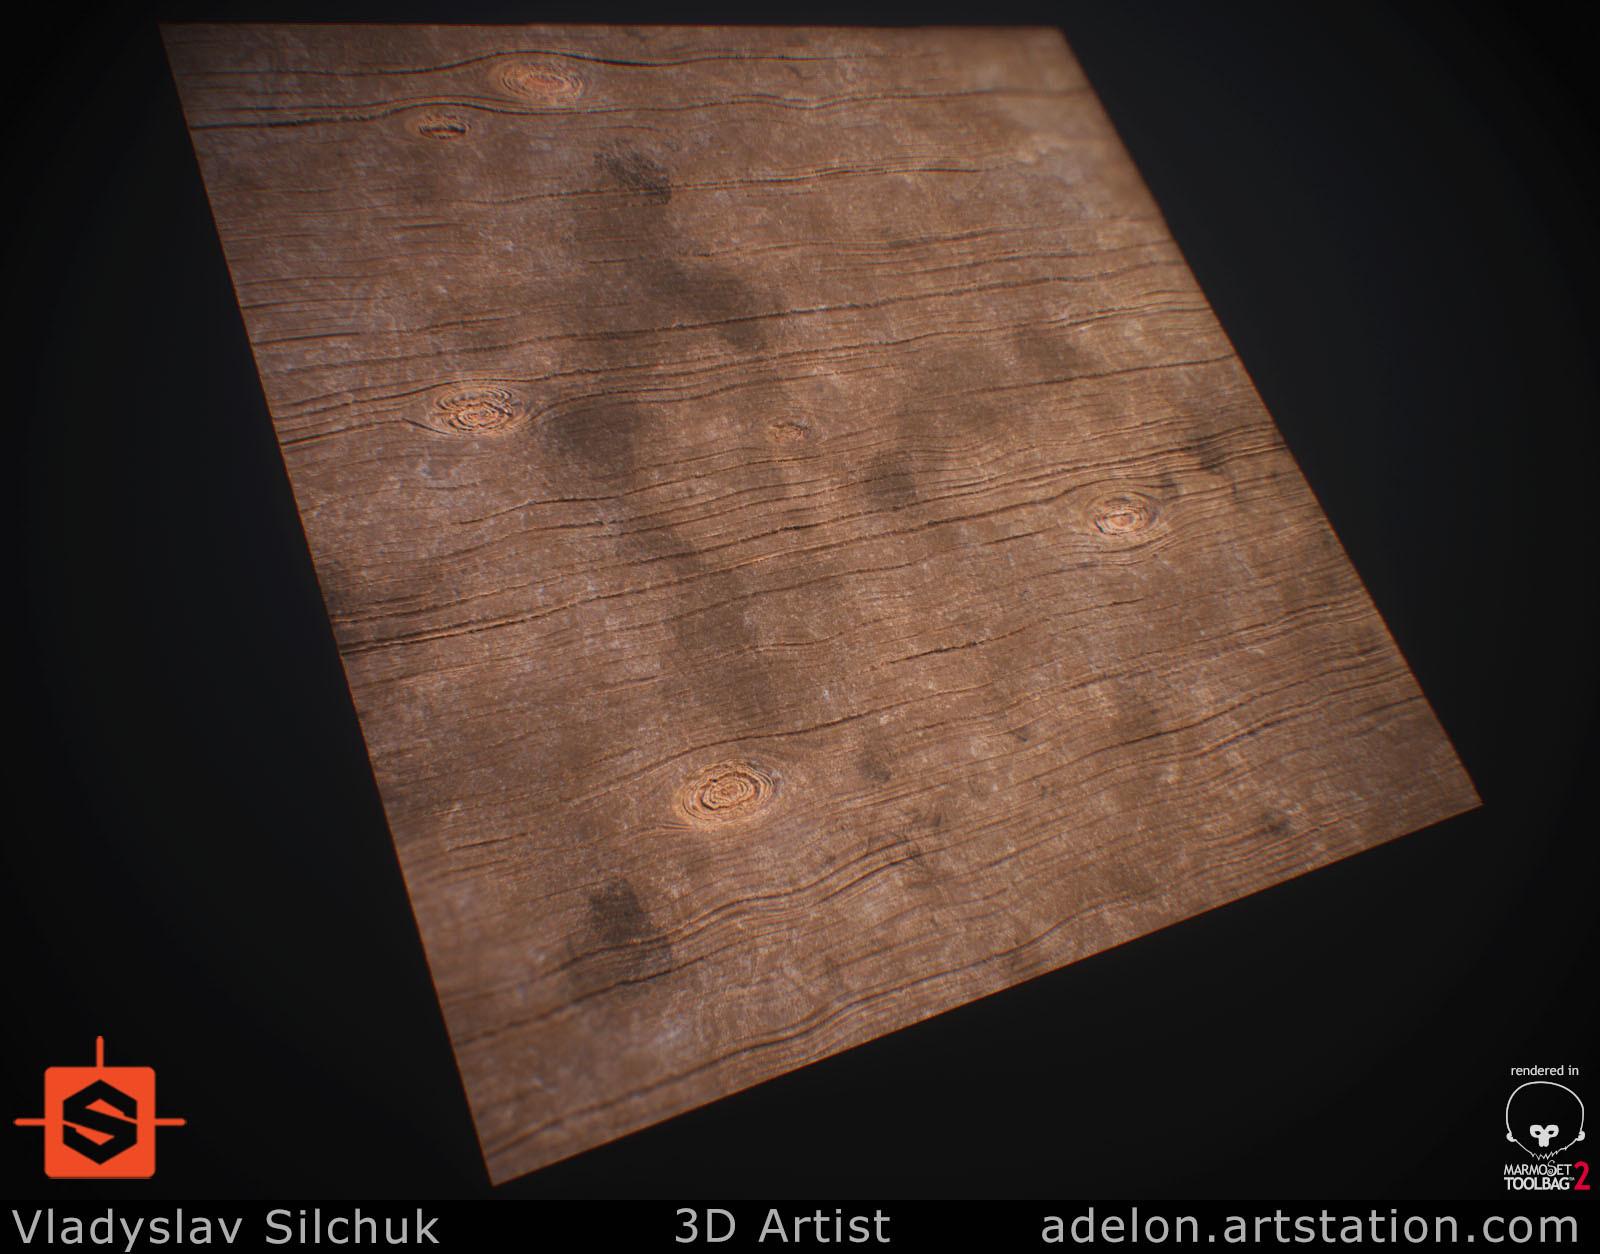 Vladyslav silchuk vladyslav silchuk wooden planks 3